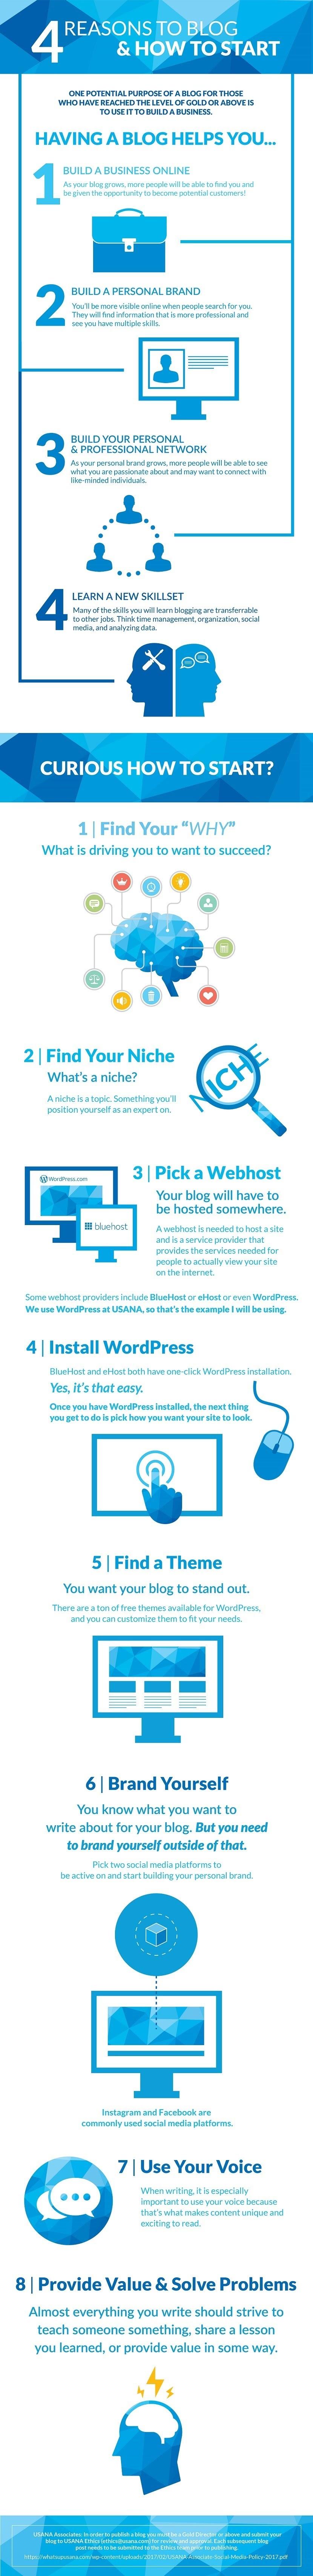 4 razones para convertirte en blogger y 8 acciones que deberías realizar para comenzar hoy mismo